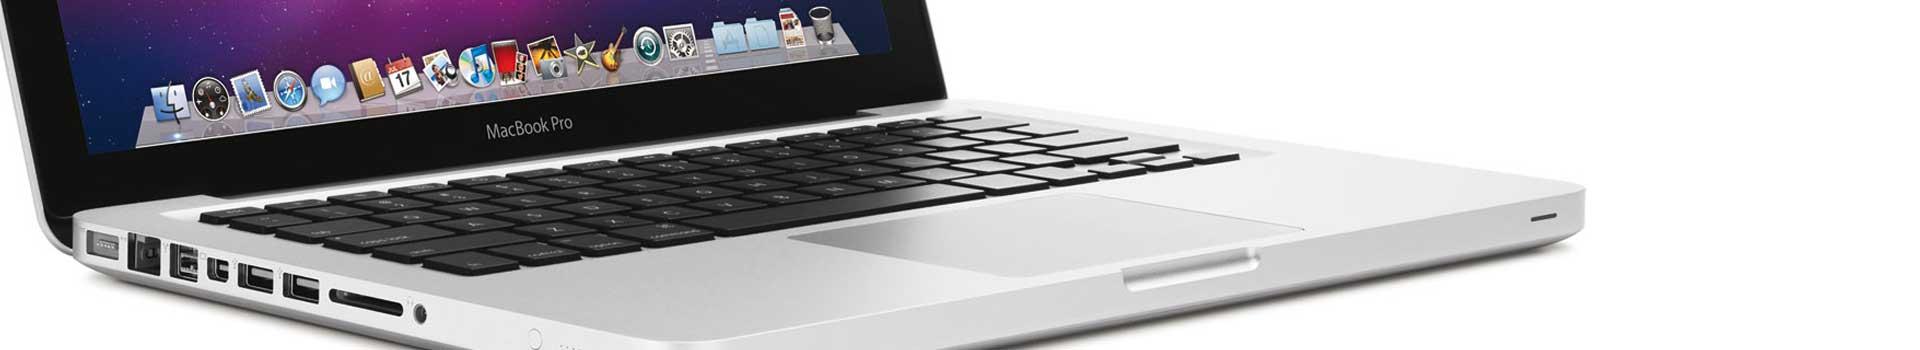 Reparación de MAcBook Pro y MacBook Air. Servicio Técnico Apple